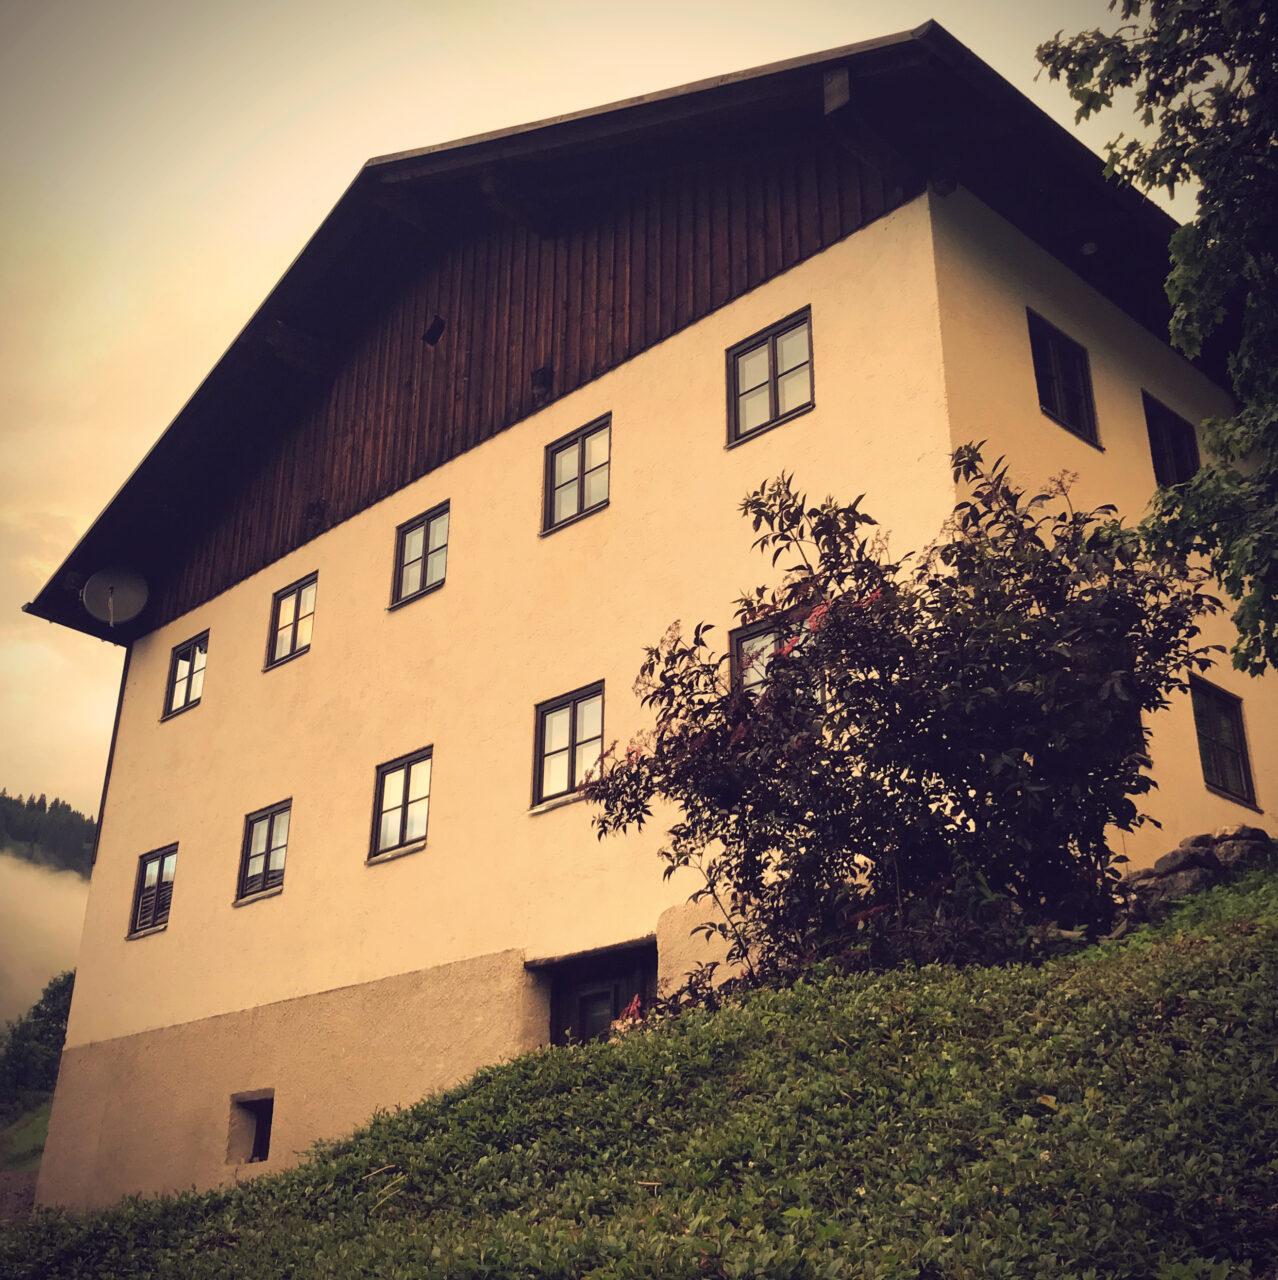 Ferienhaus K7 im Herbst